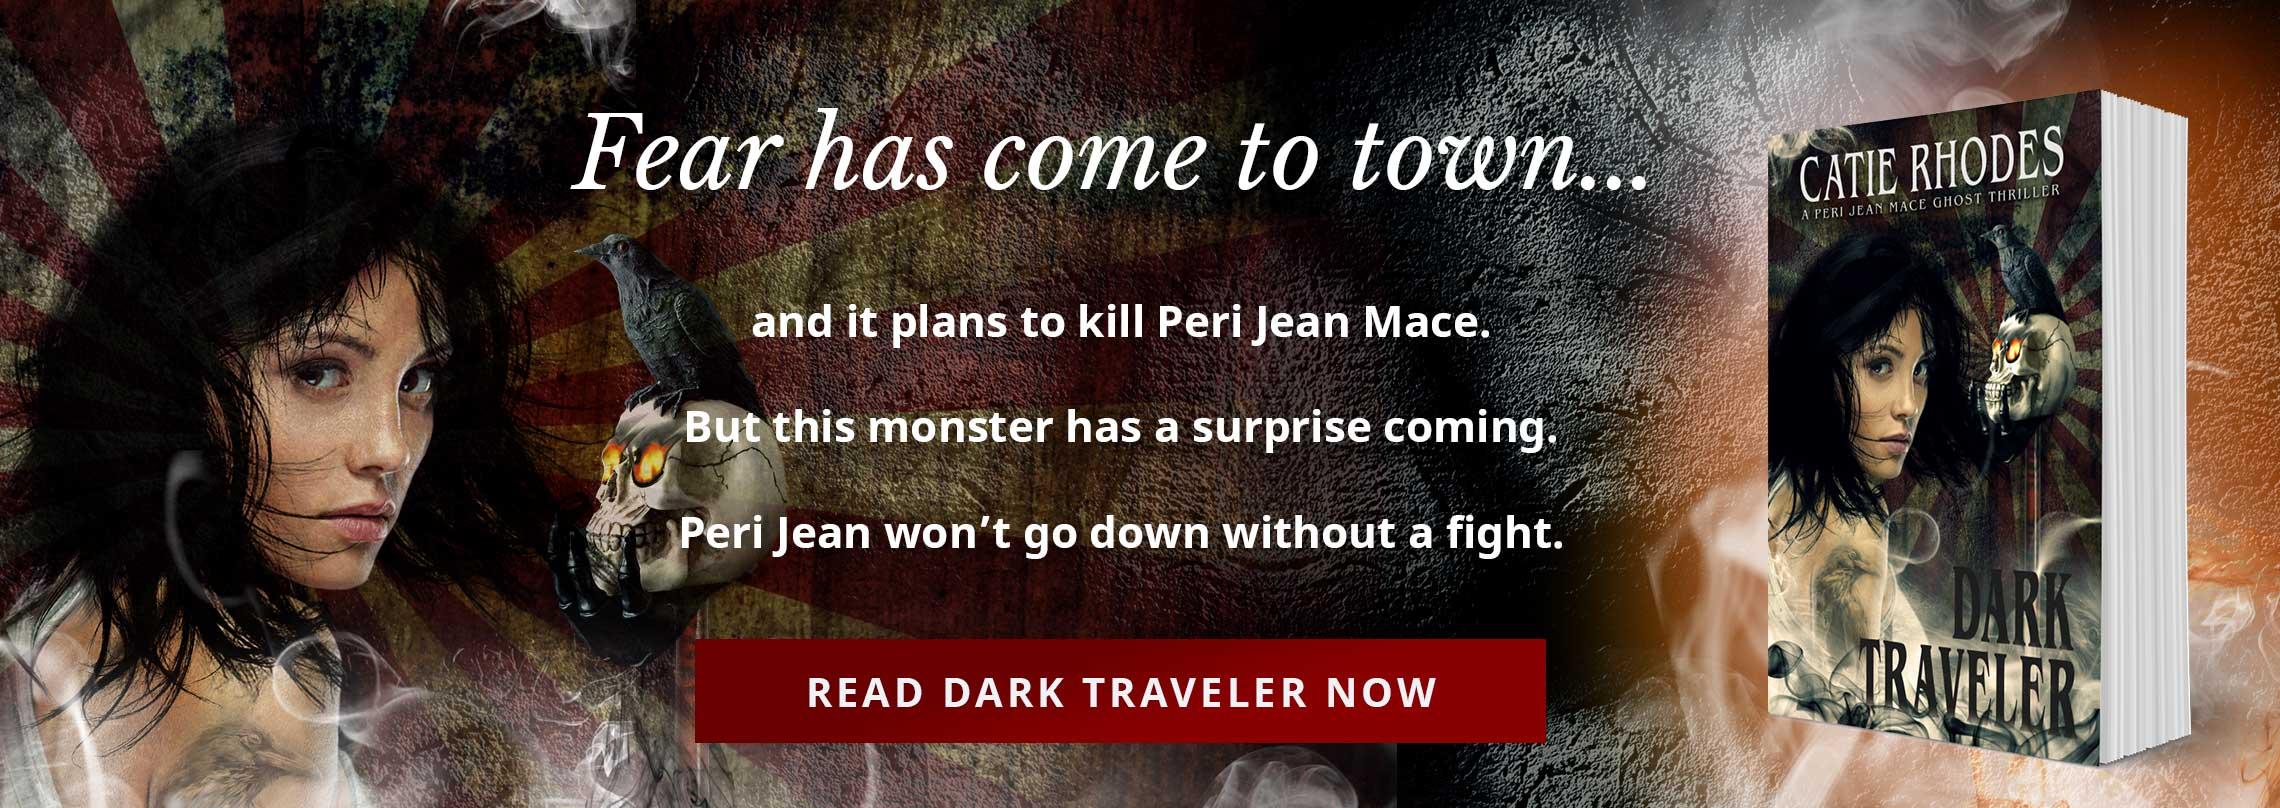 Dark Traveler - A Peri Jean Mace Ghost Thriller by Catie Rhodes